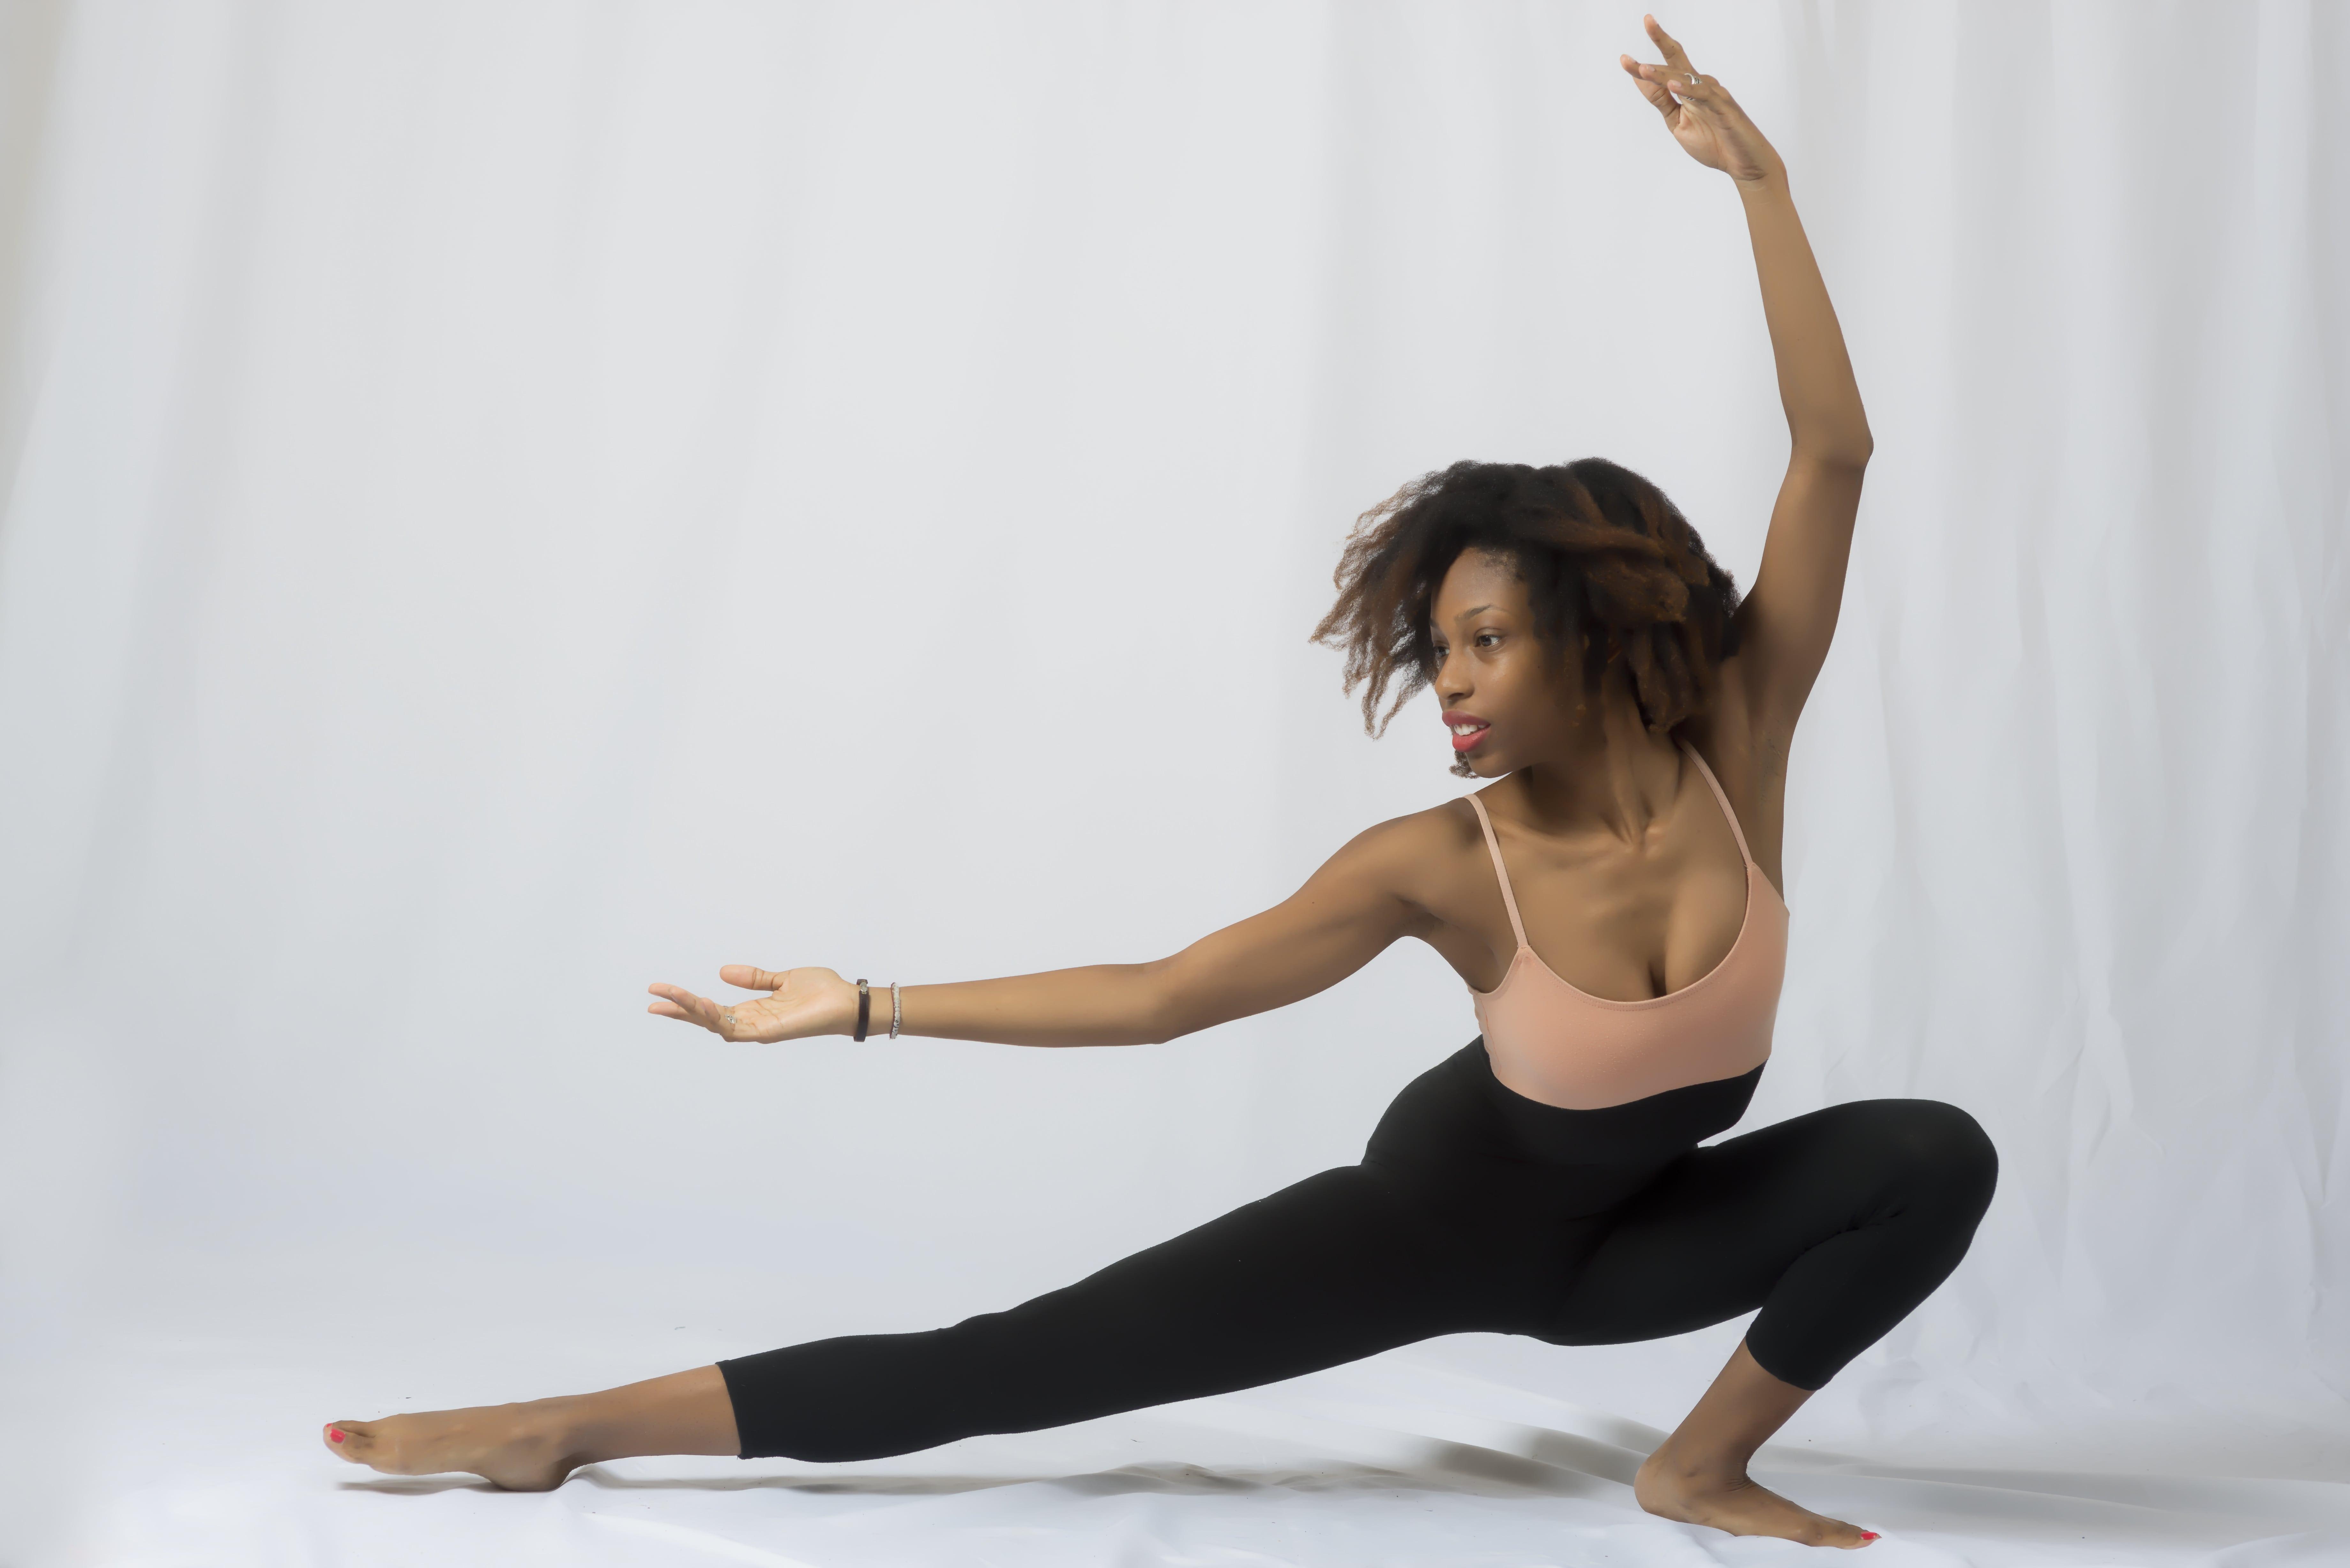 Sterk og fleksibel